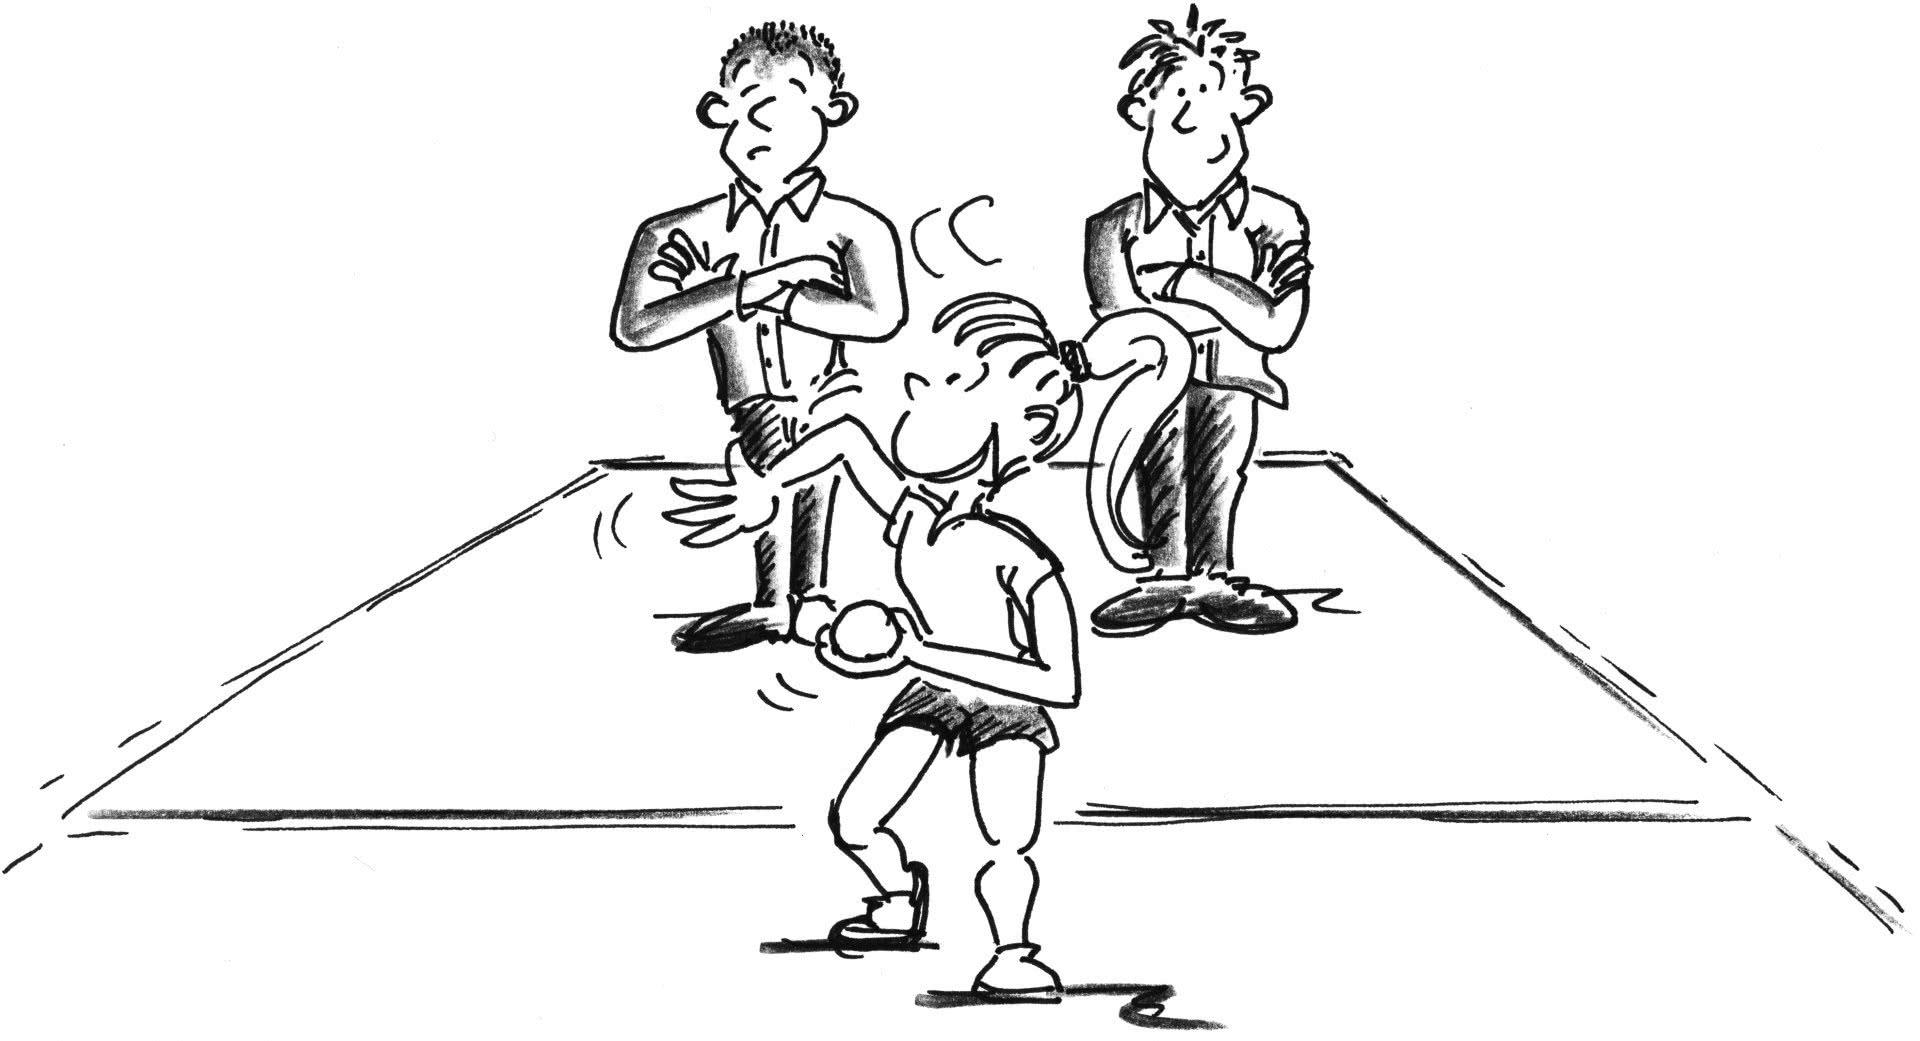 Comic: Eine Person spielt einen Ball in der Hand, zwei schauen zu.